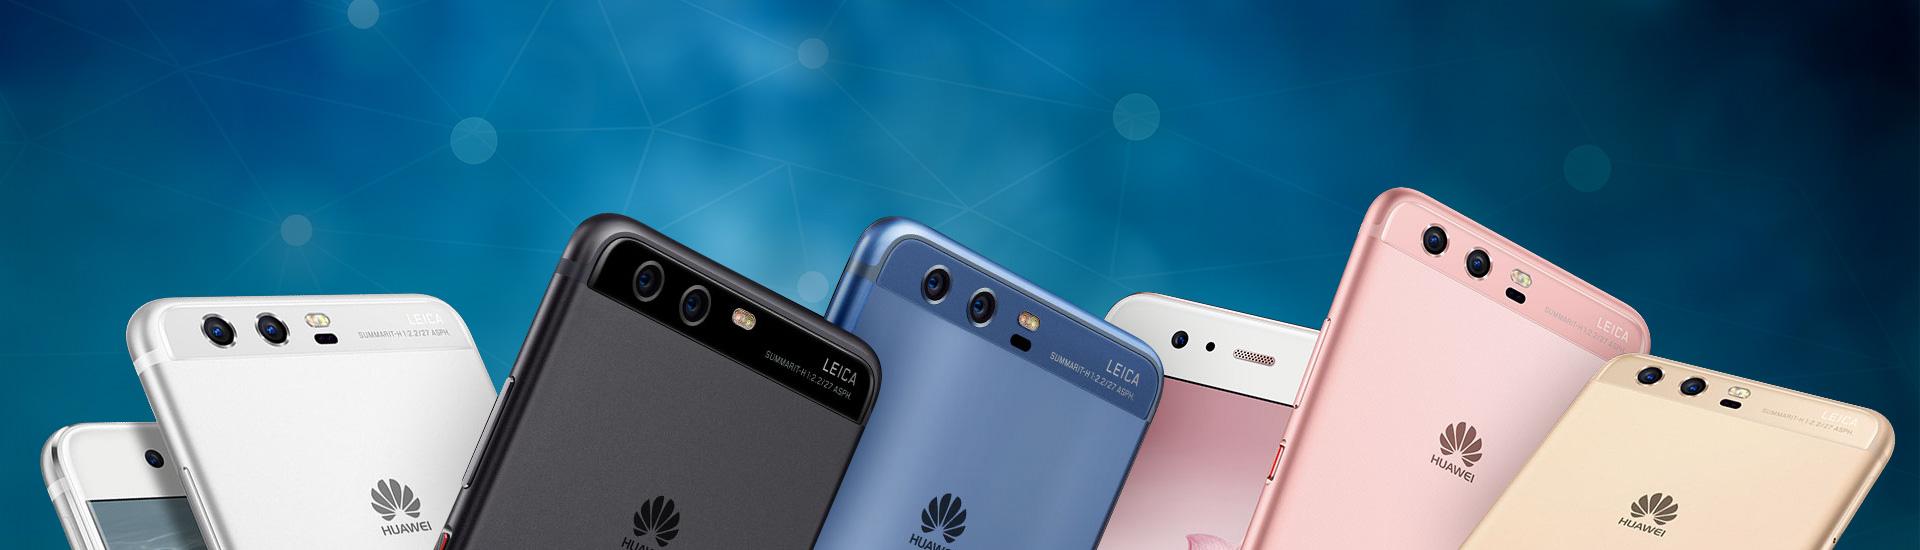 €350 για το Huawei P10